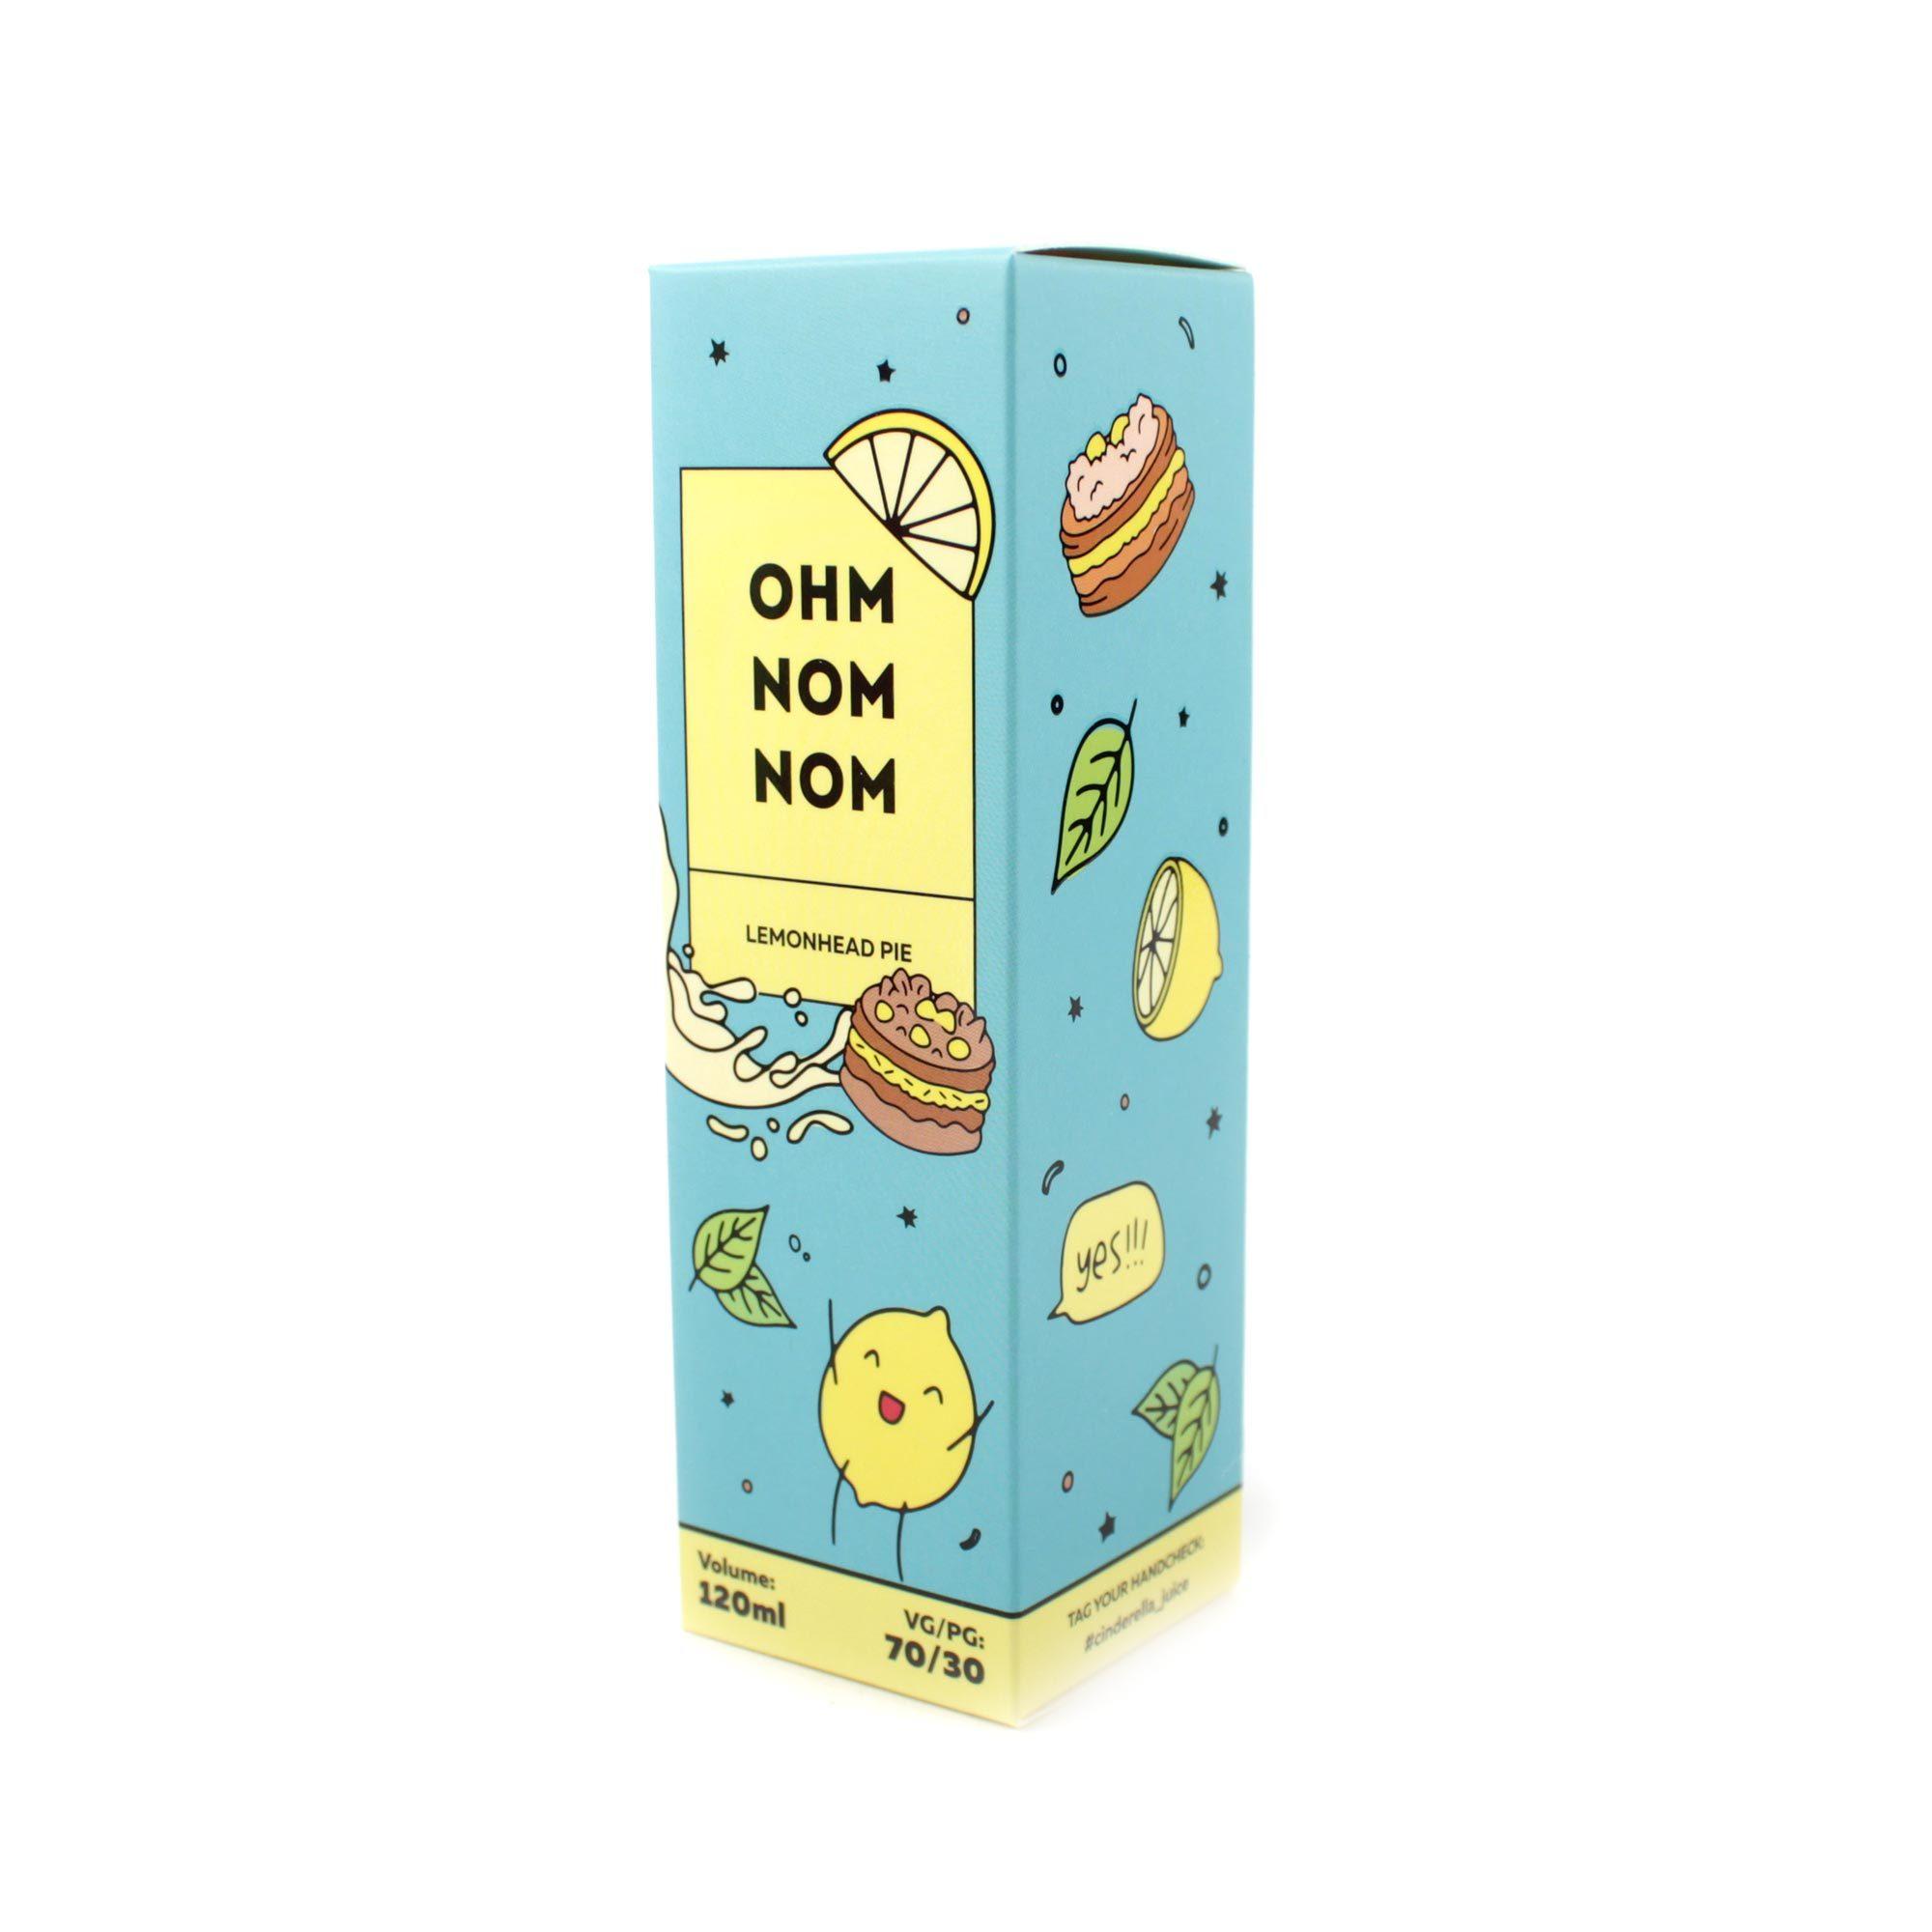 Жидкость OHM NOM NOM Lemonhead Pie